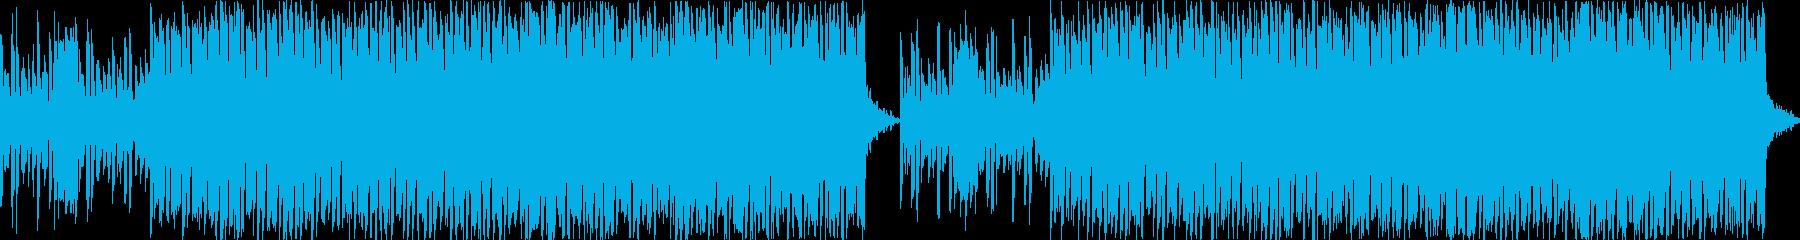 かわいいベルうきうきポップな日常ループbの再生済みの波形